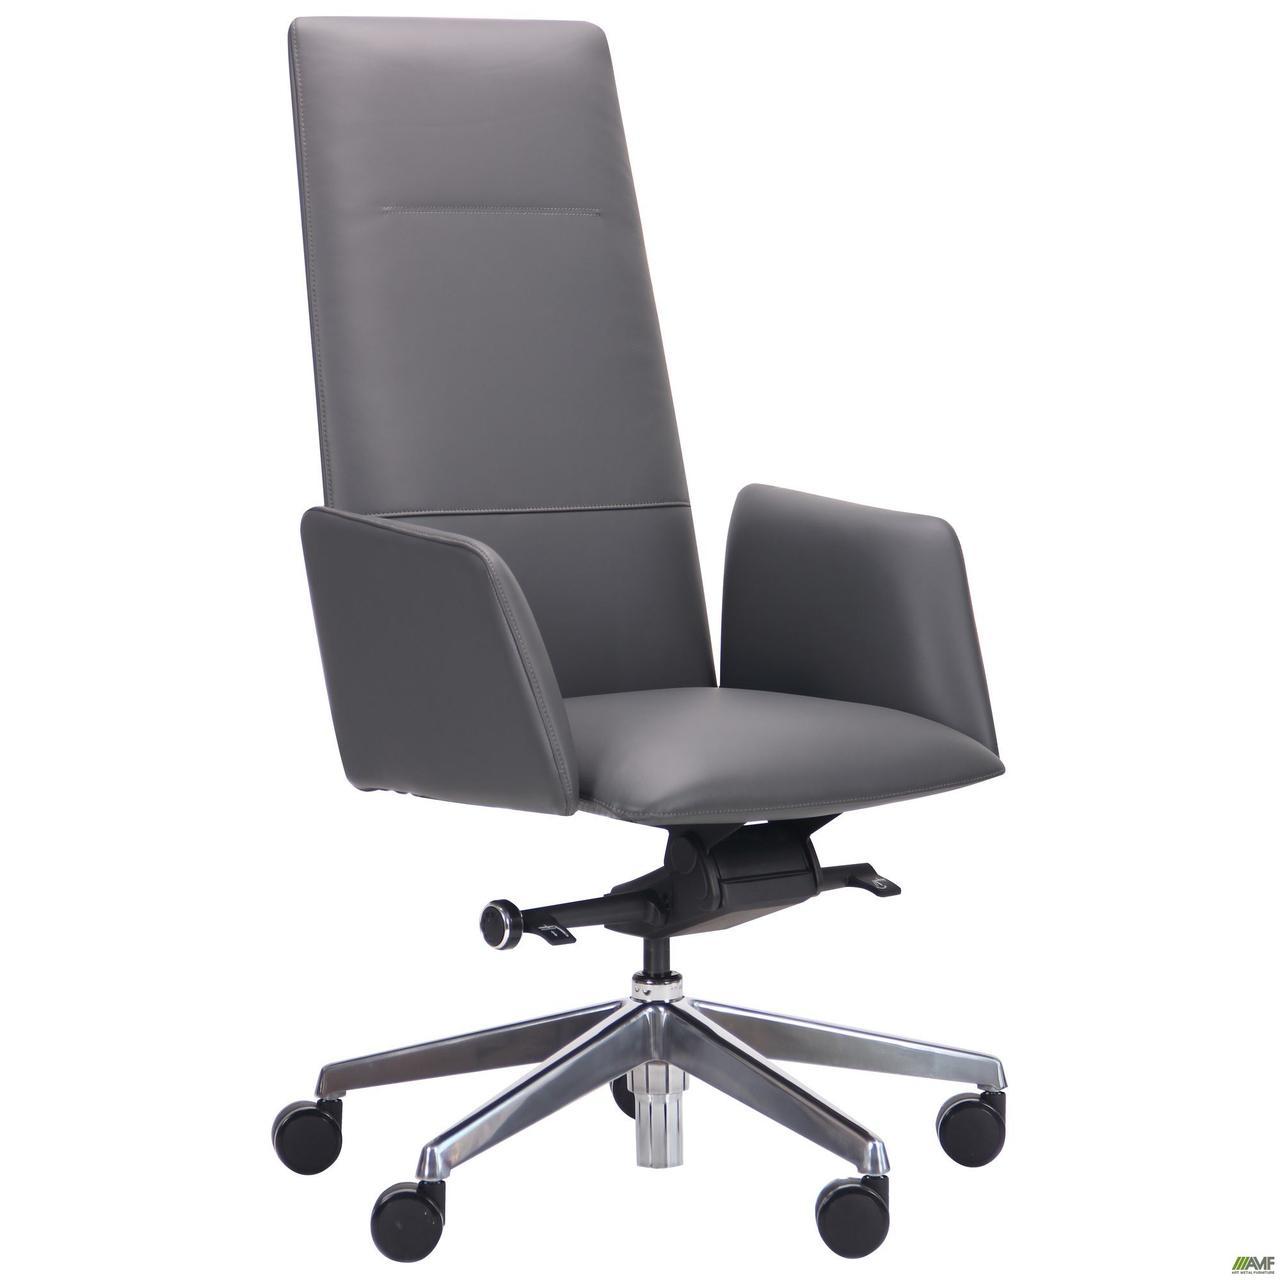 Кресло офисное кожаное AMF Nikkolo HB серое